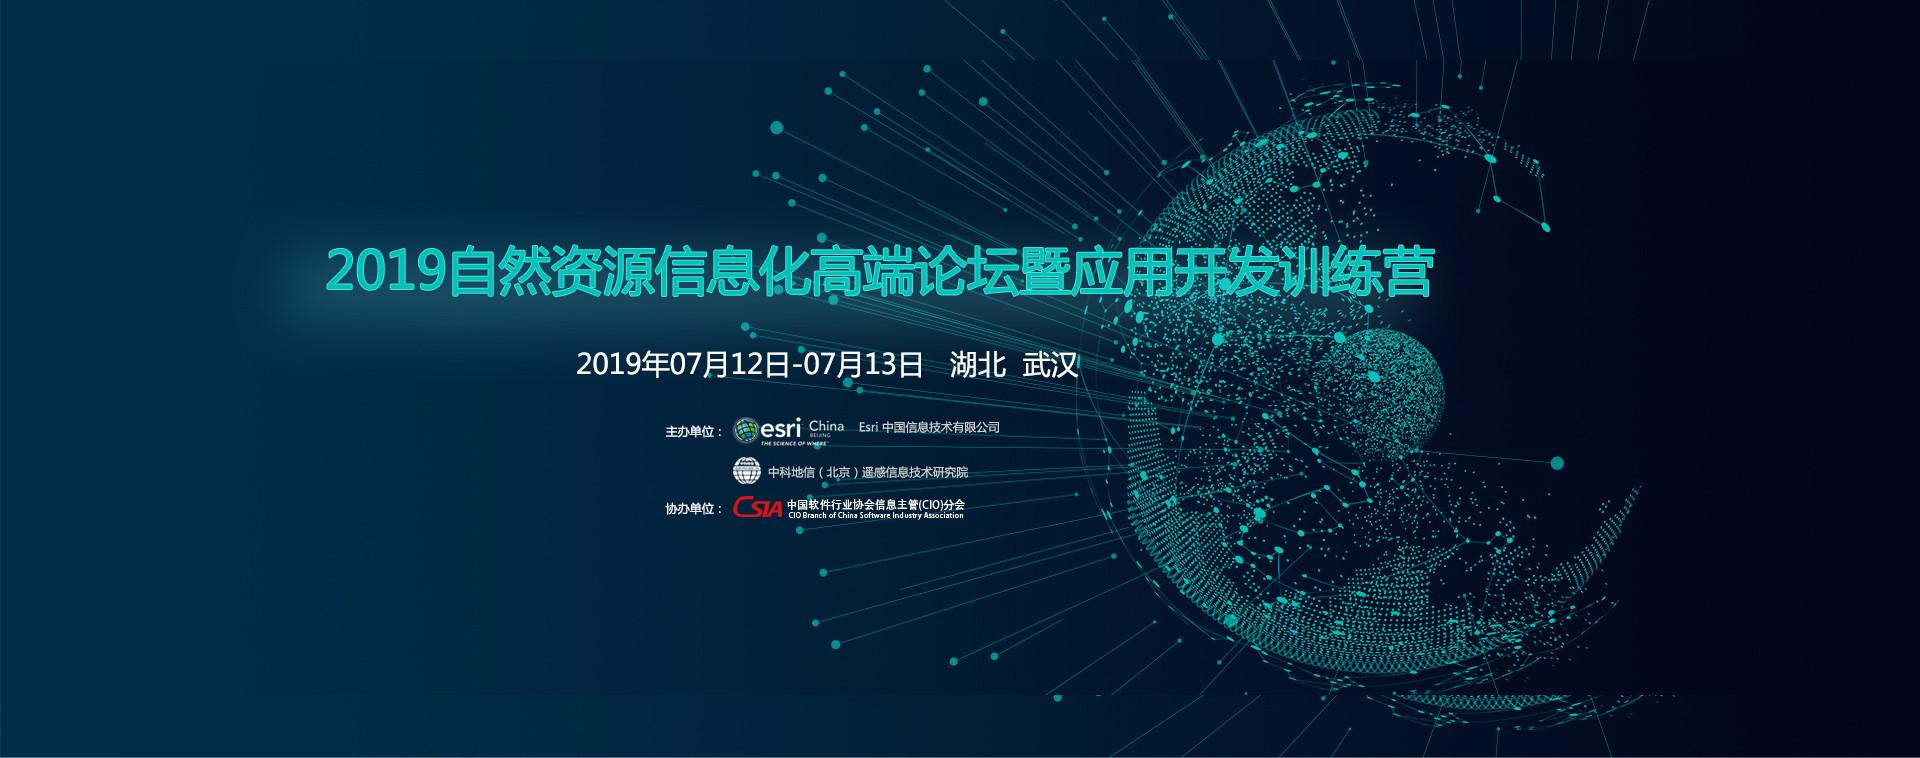 2019 自然资源信息化高端论坛暨应用开发训练营(7月武汉班)